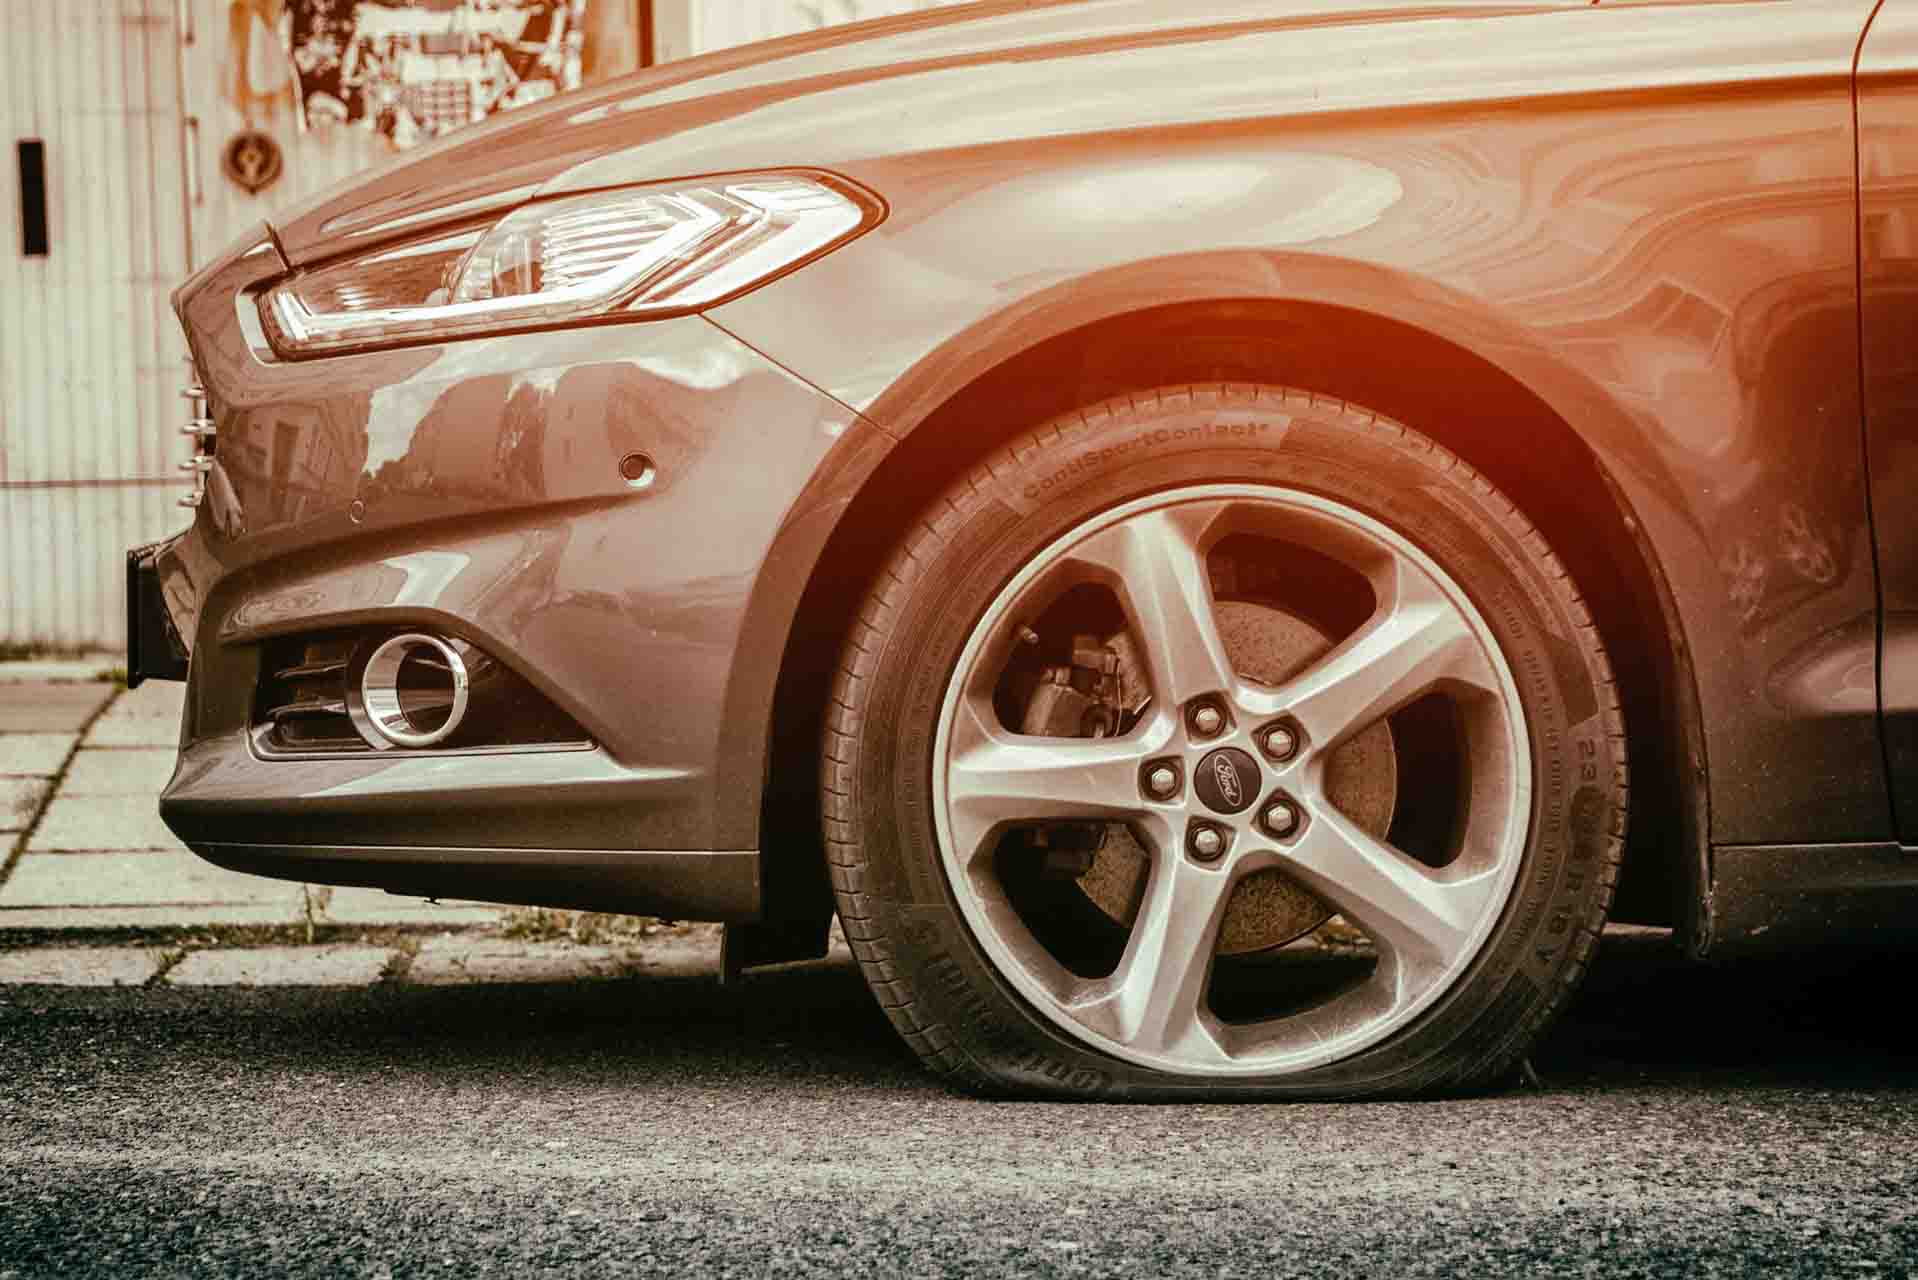 Prikaz probušene prednje automobilske gume